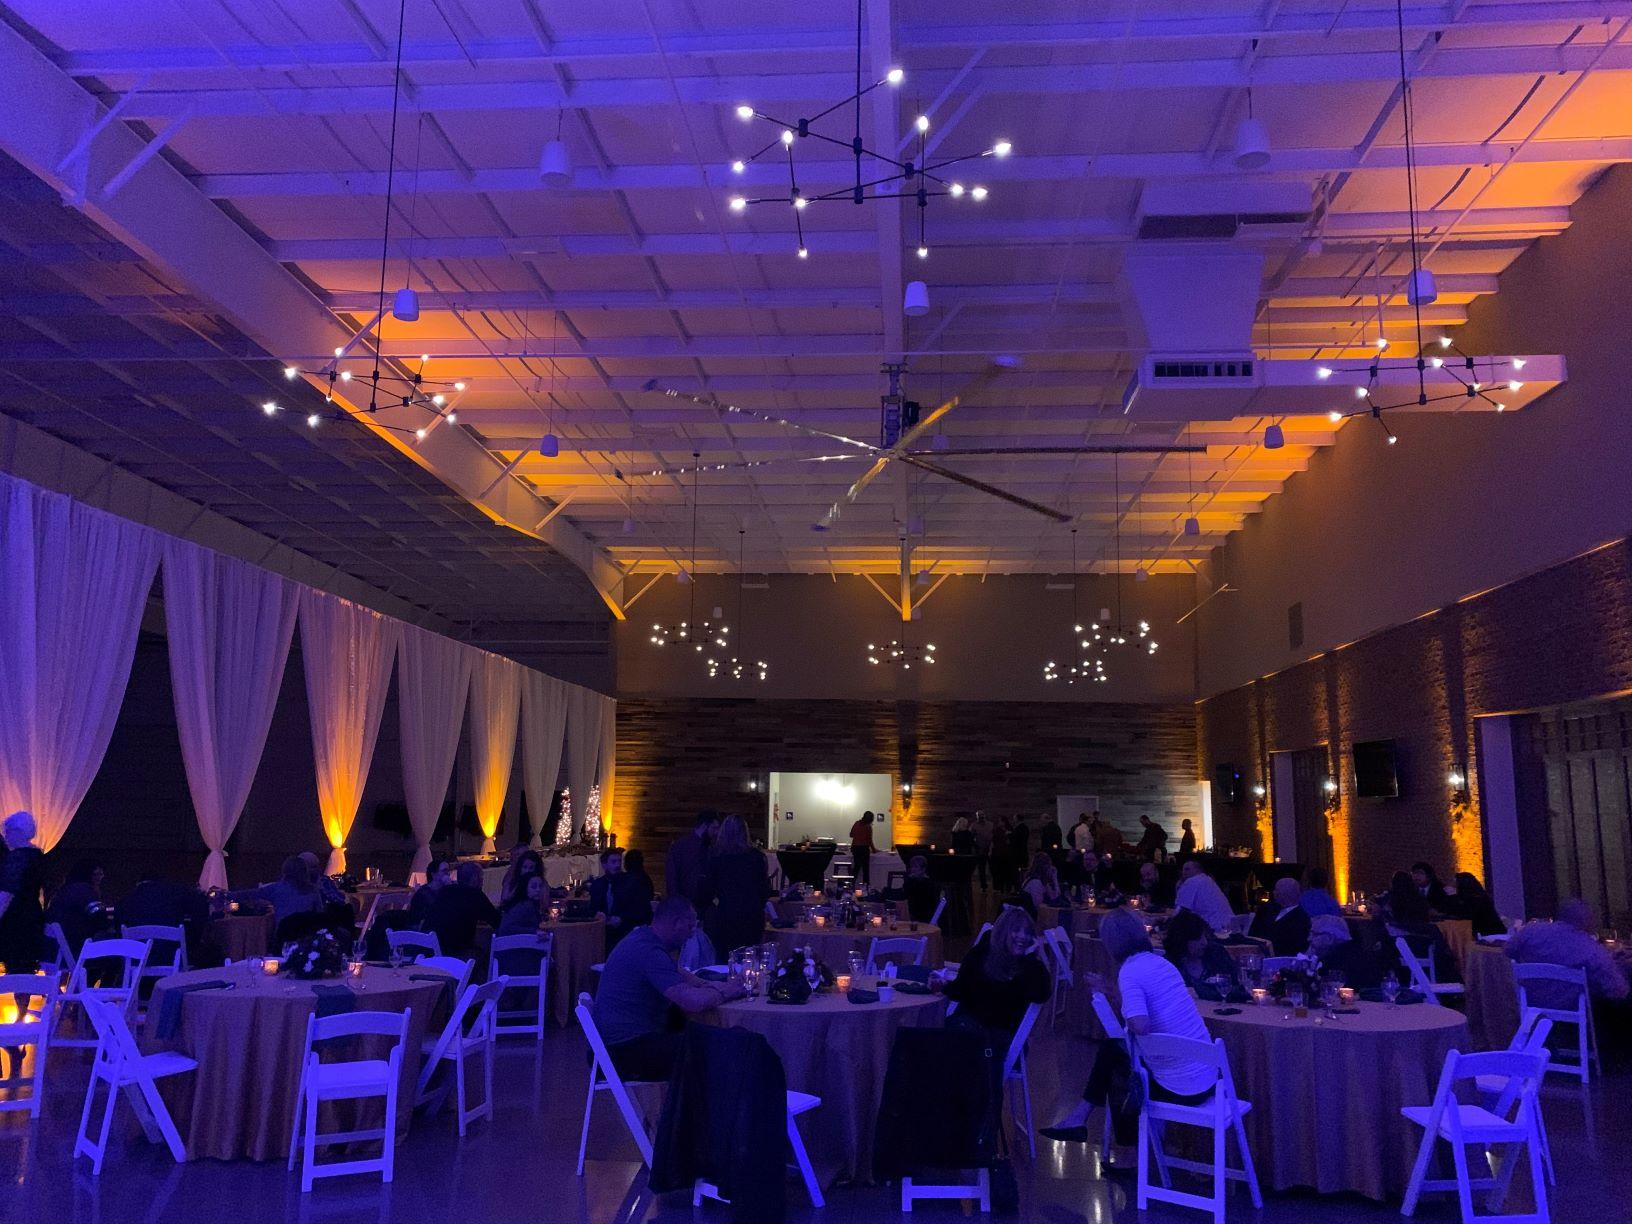 Elkhart Center 615 Candlelight Yellow & Blue Wash Uplighting